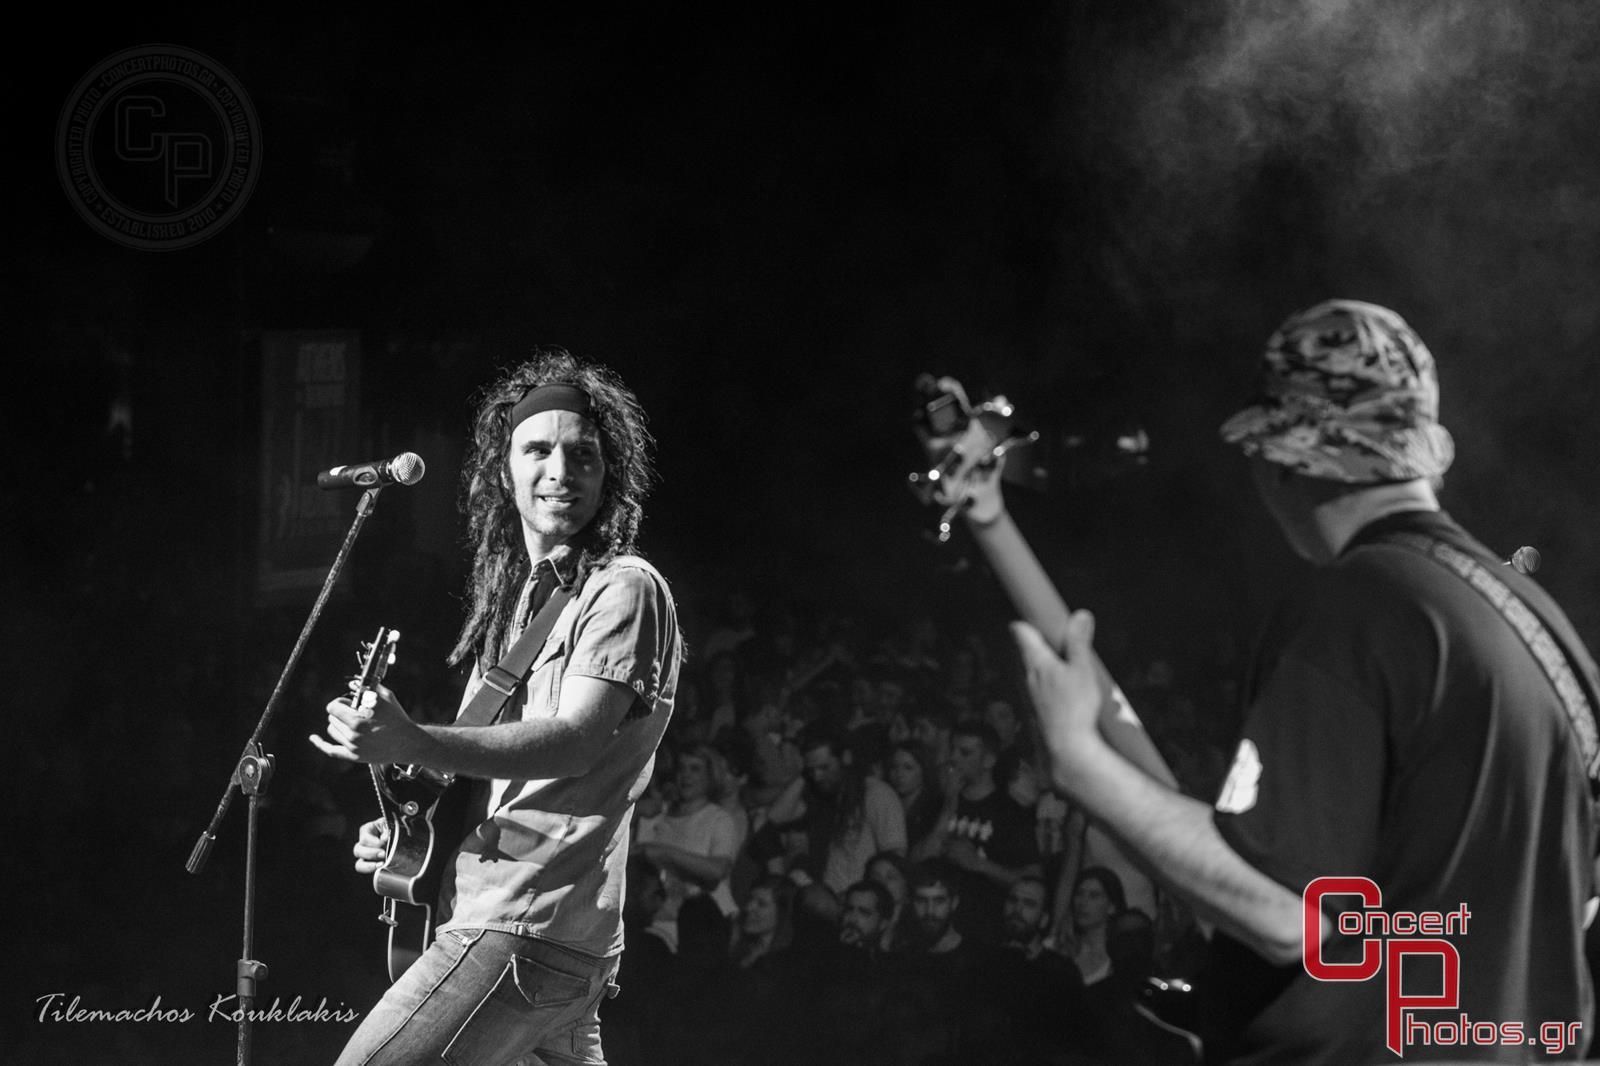 Μία συναυλία για τη Σχεδία 2014-Sxedia 2014 photographer:  - concertphotos_20140530_20_13_36-9